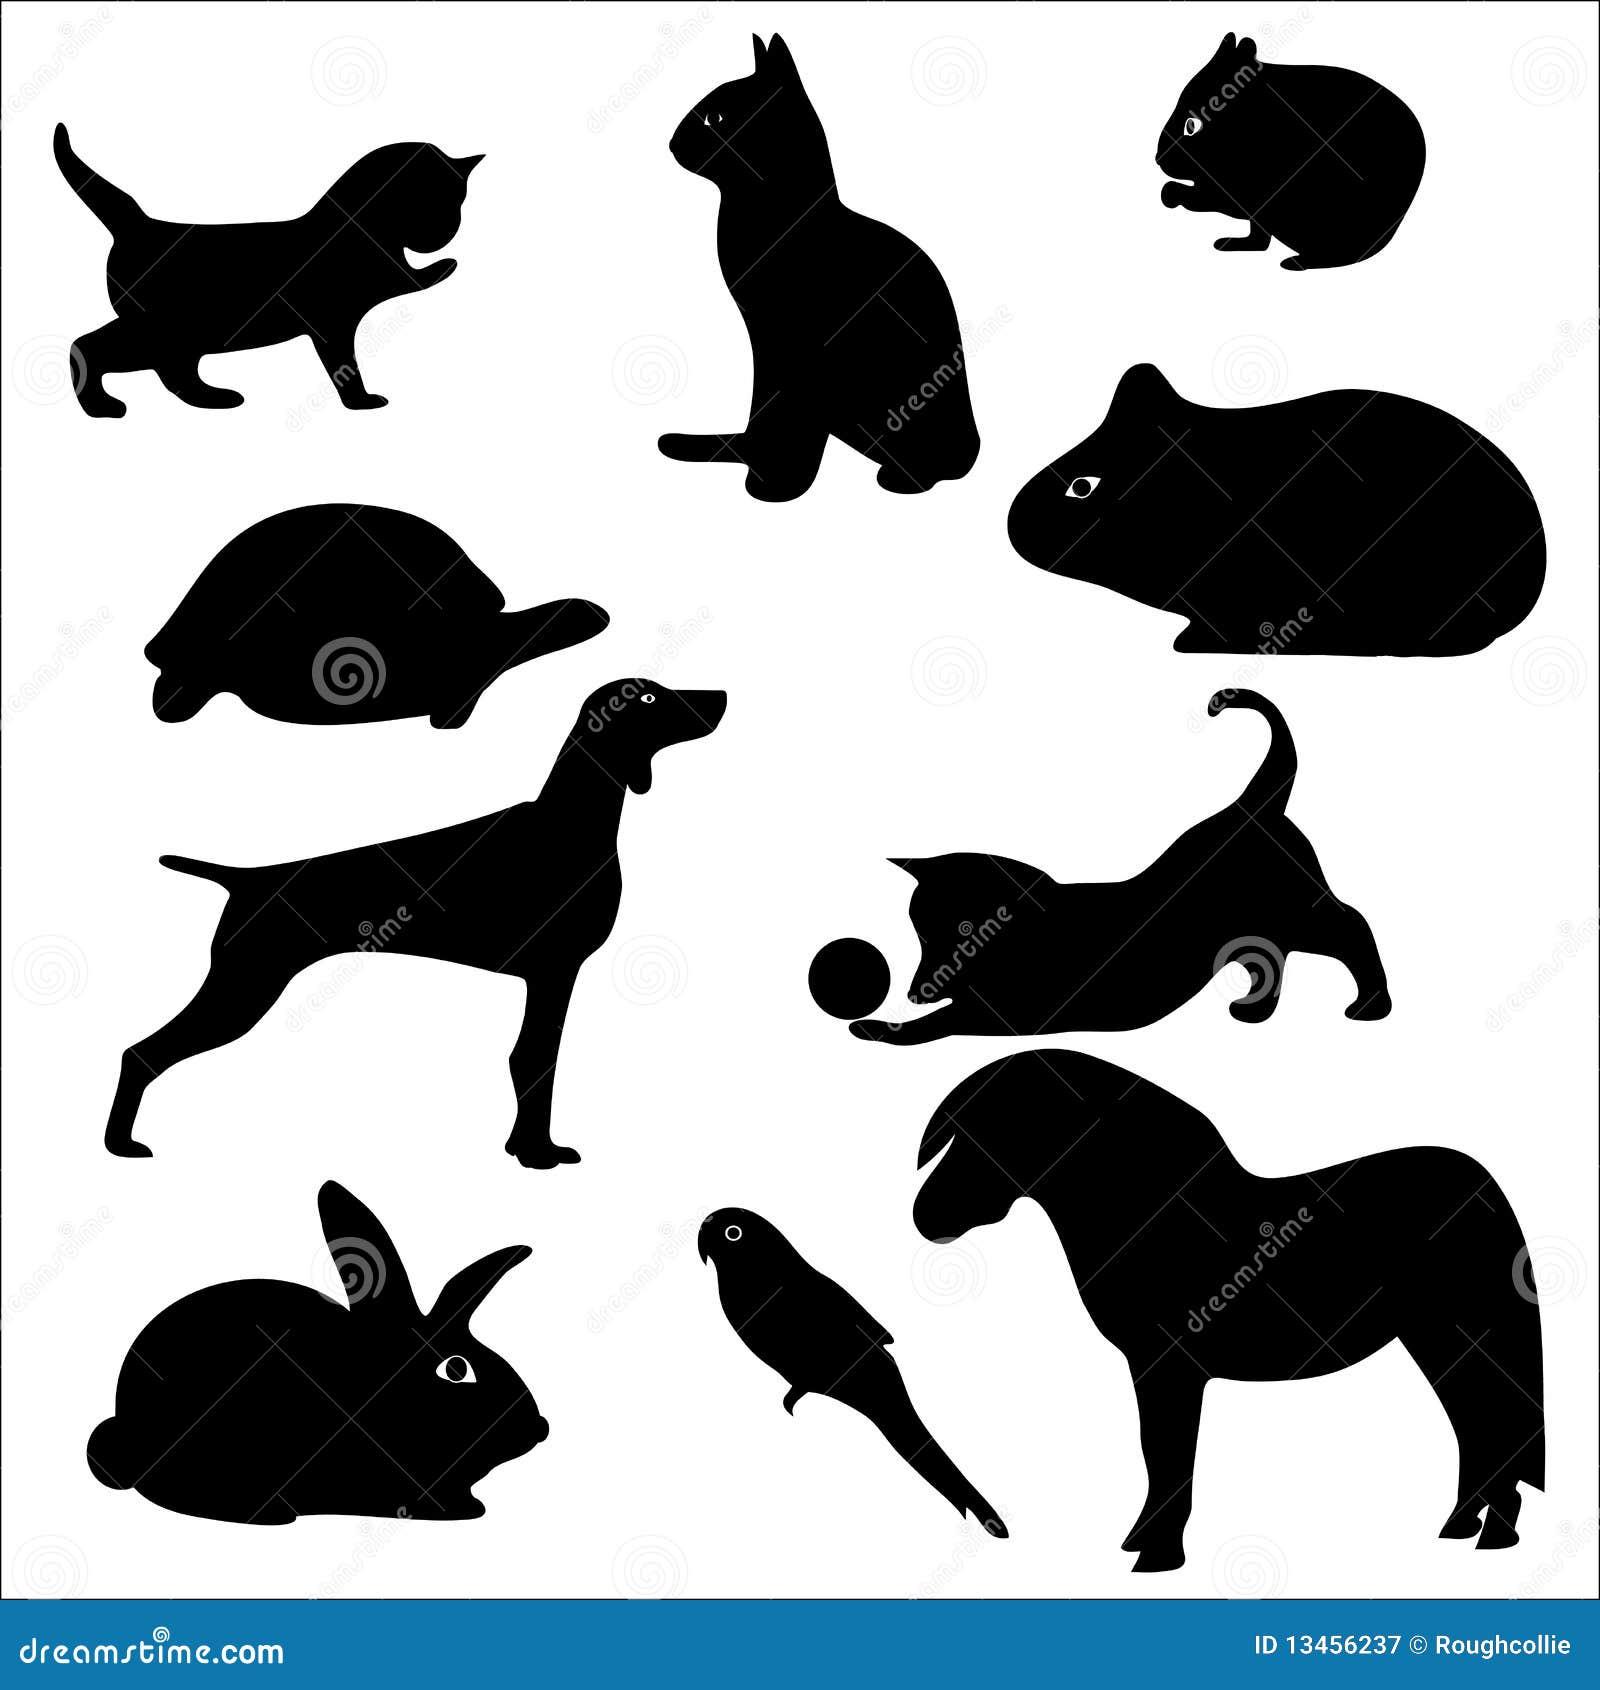 Pets dog. cat, parrot, rabbit, silhouette